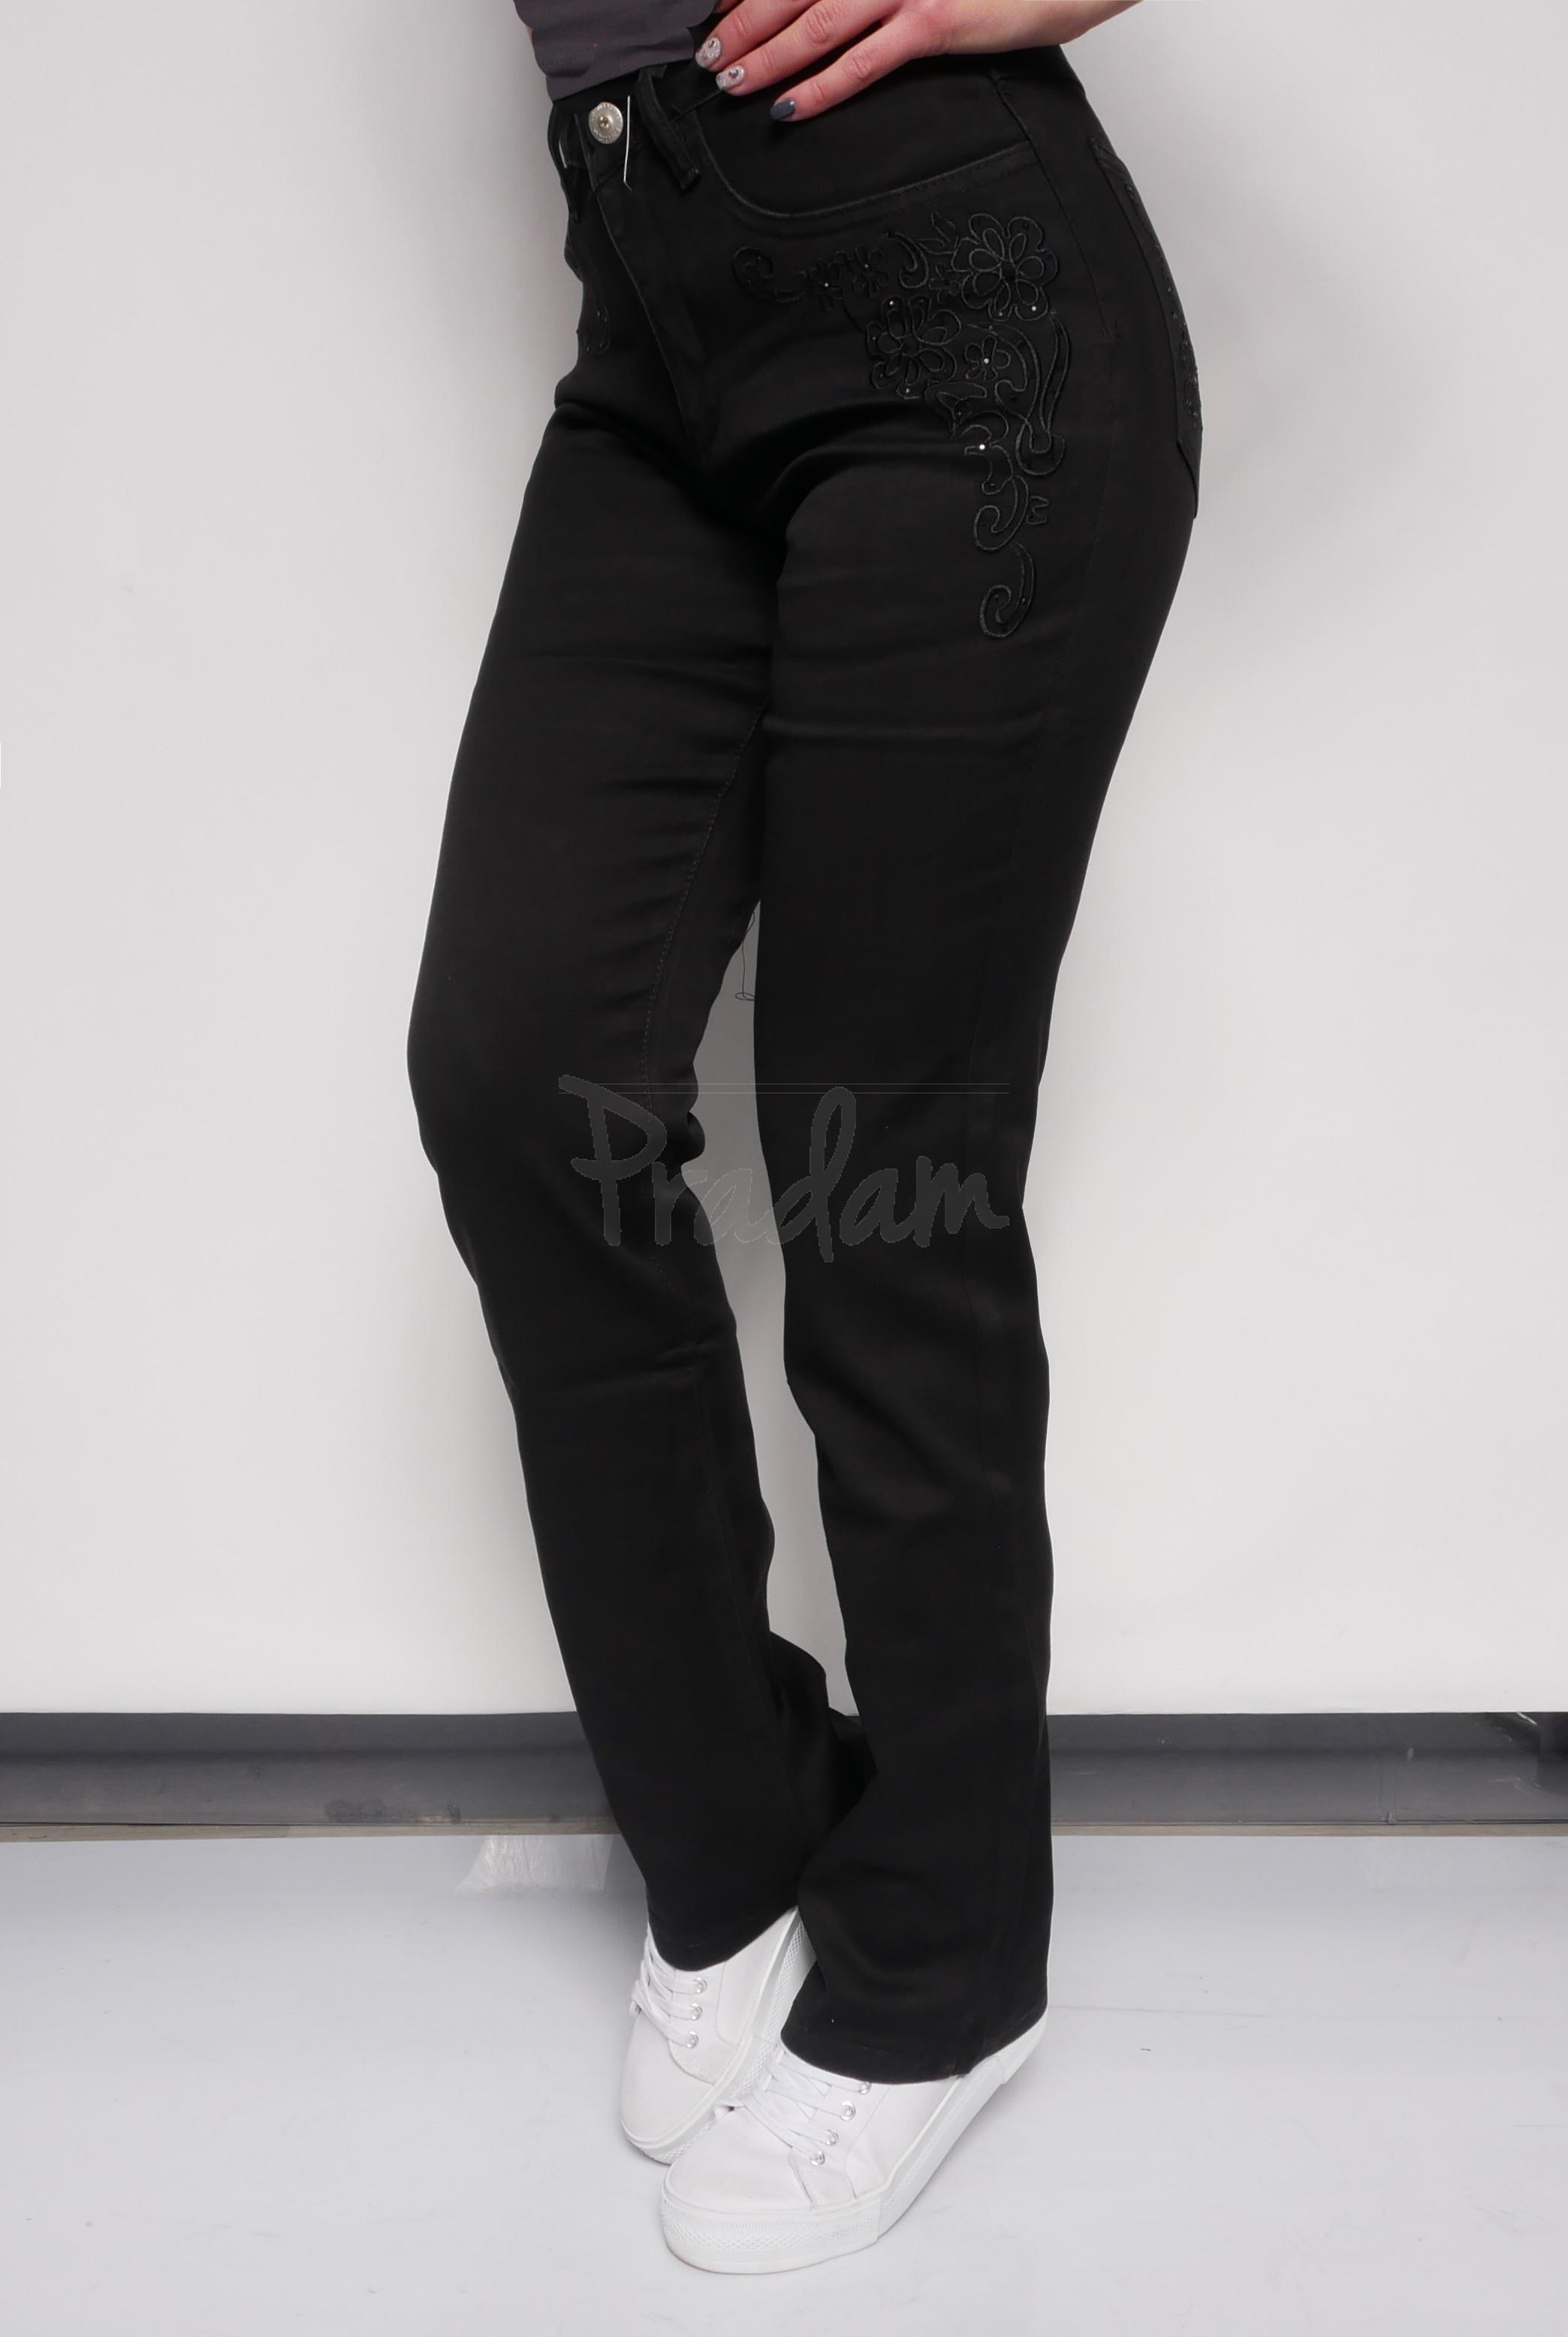 3ece3095e8106 ЦЕНА БОМБА!!! №1 Lafeidina джинсы женские прямые черные с вышивкой осенние  стрейчевые